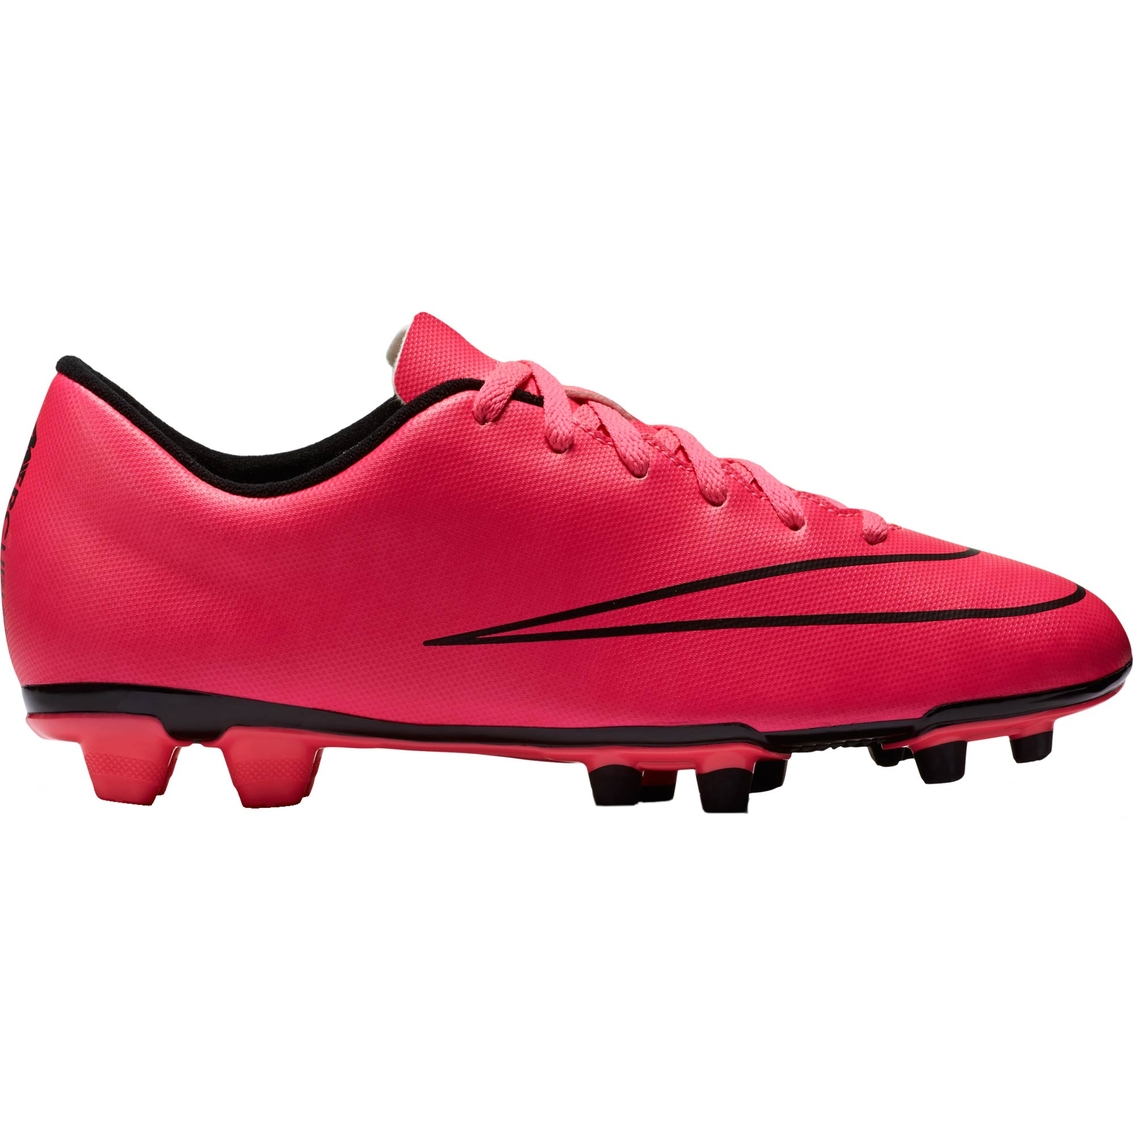 fa40d927f7f3 Nike Men s Mercurial Vortex Ii Fg Cleats